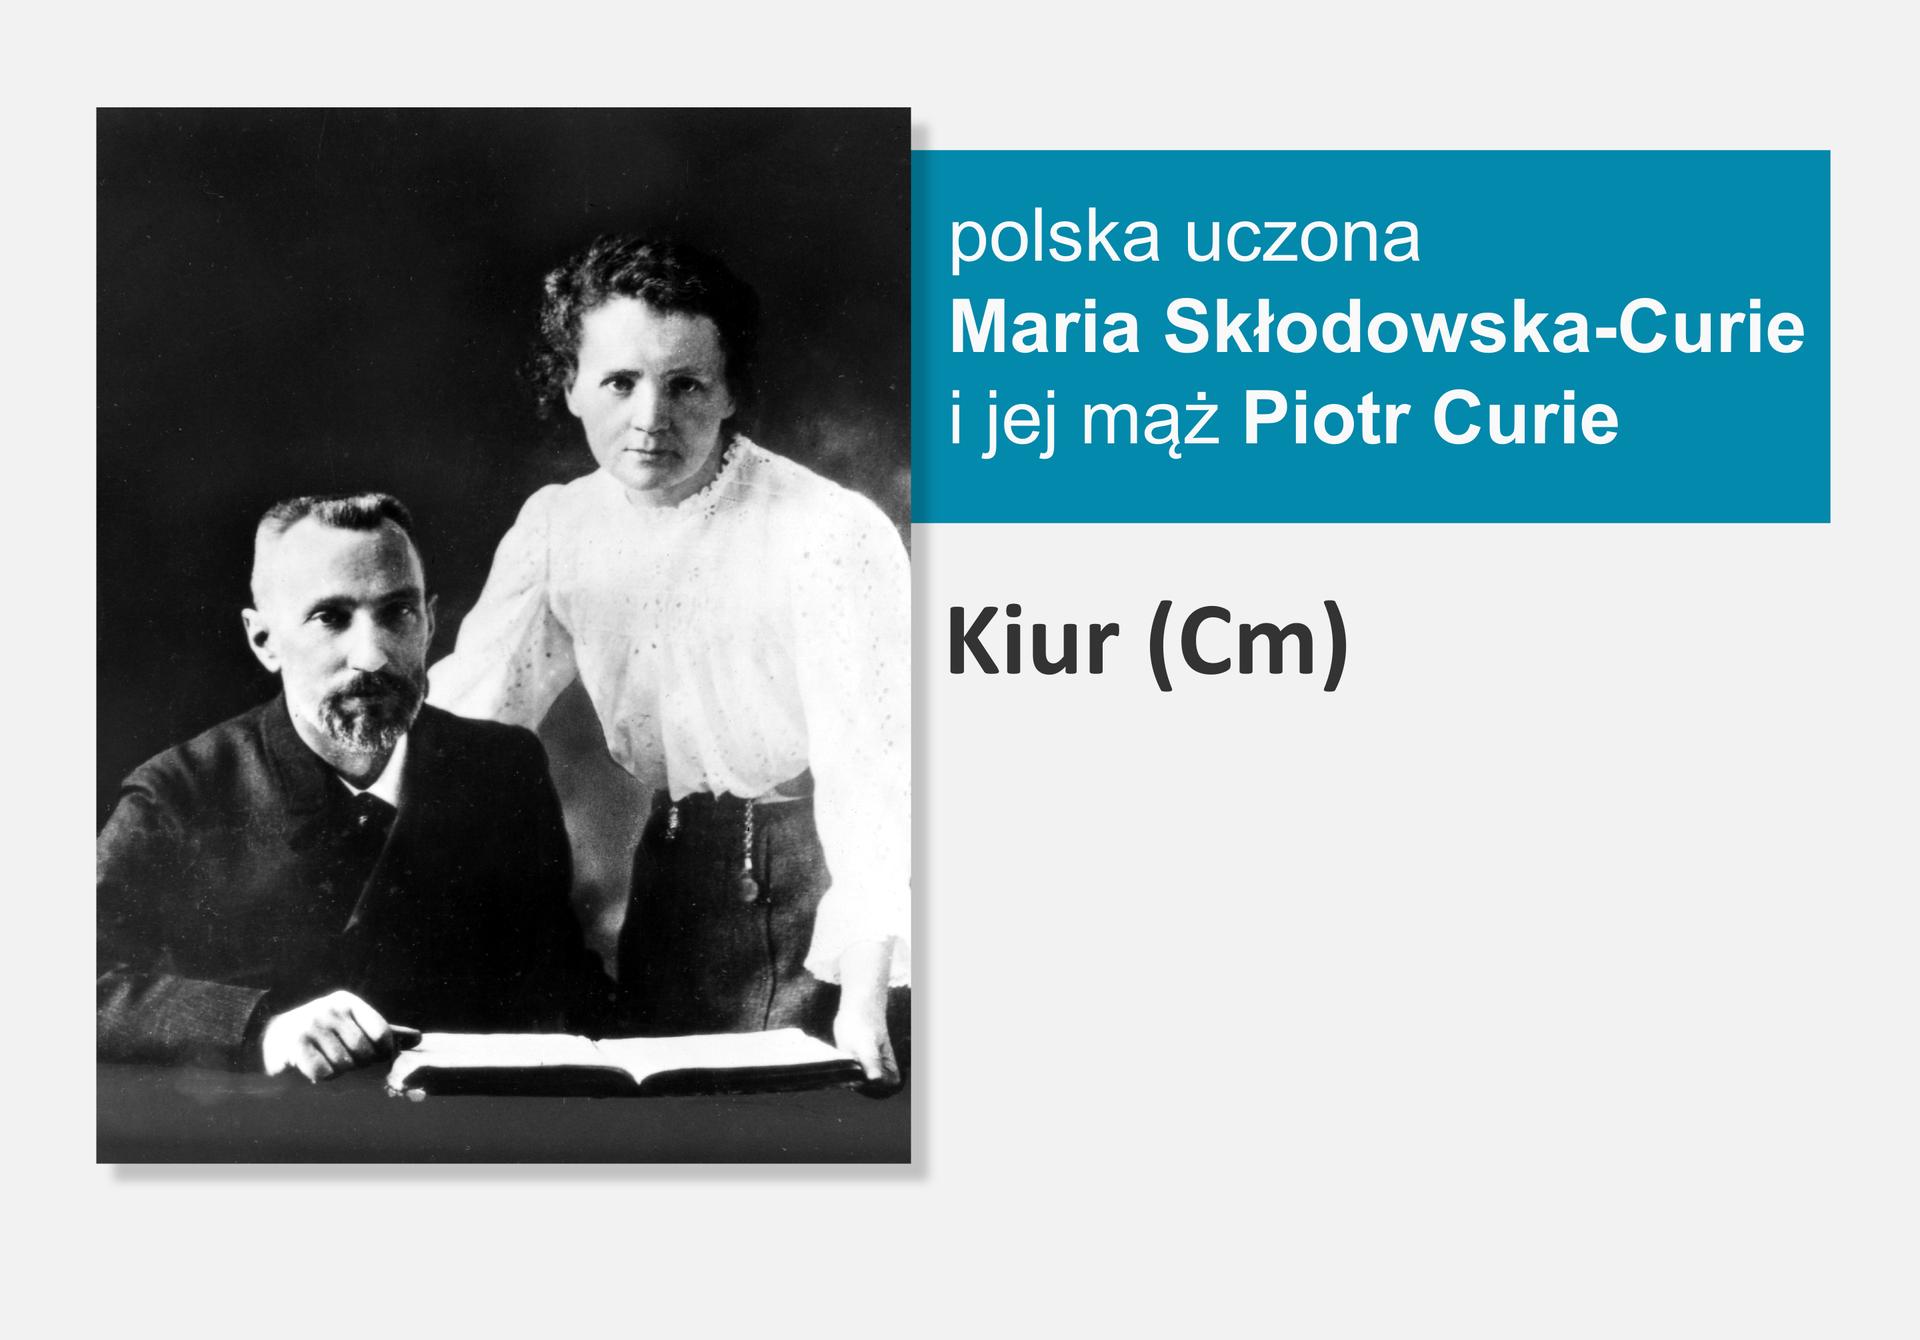 Fotografia polskiej uczonej Marii Skłodowskiej-Curie ijej męża Piotra Curie, obok nazwa isymbol pierwiastka Kiur (Cm)